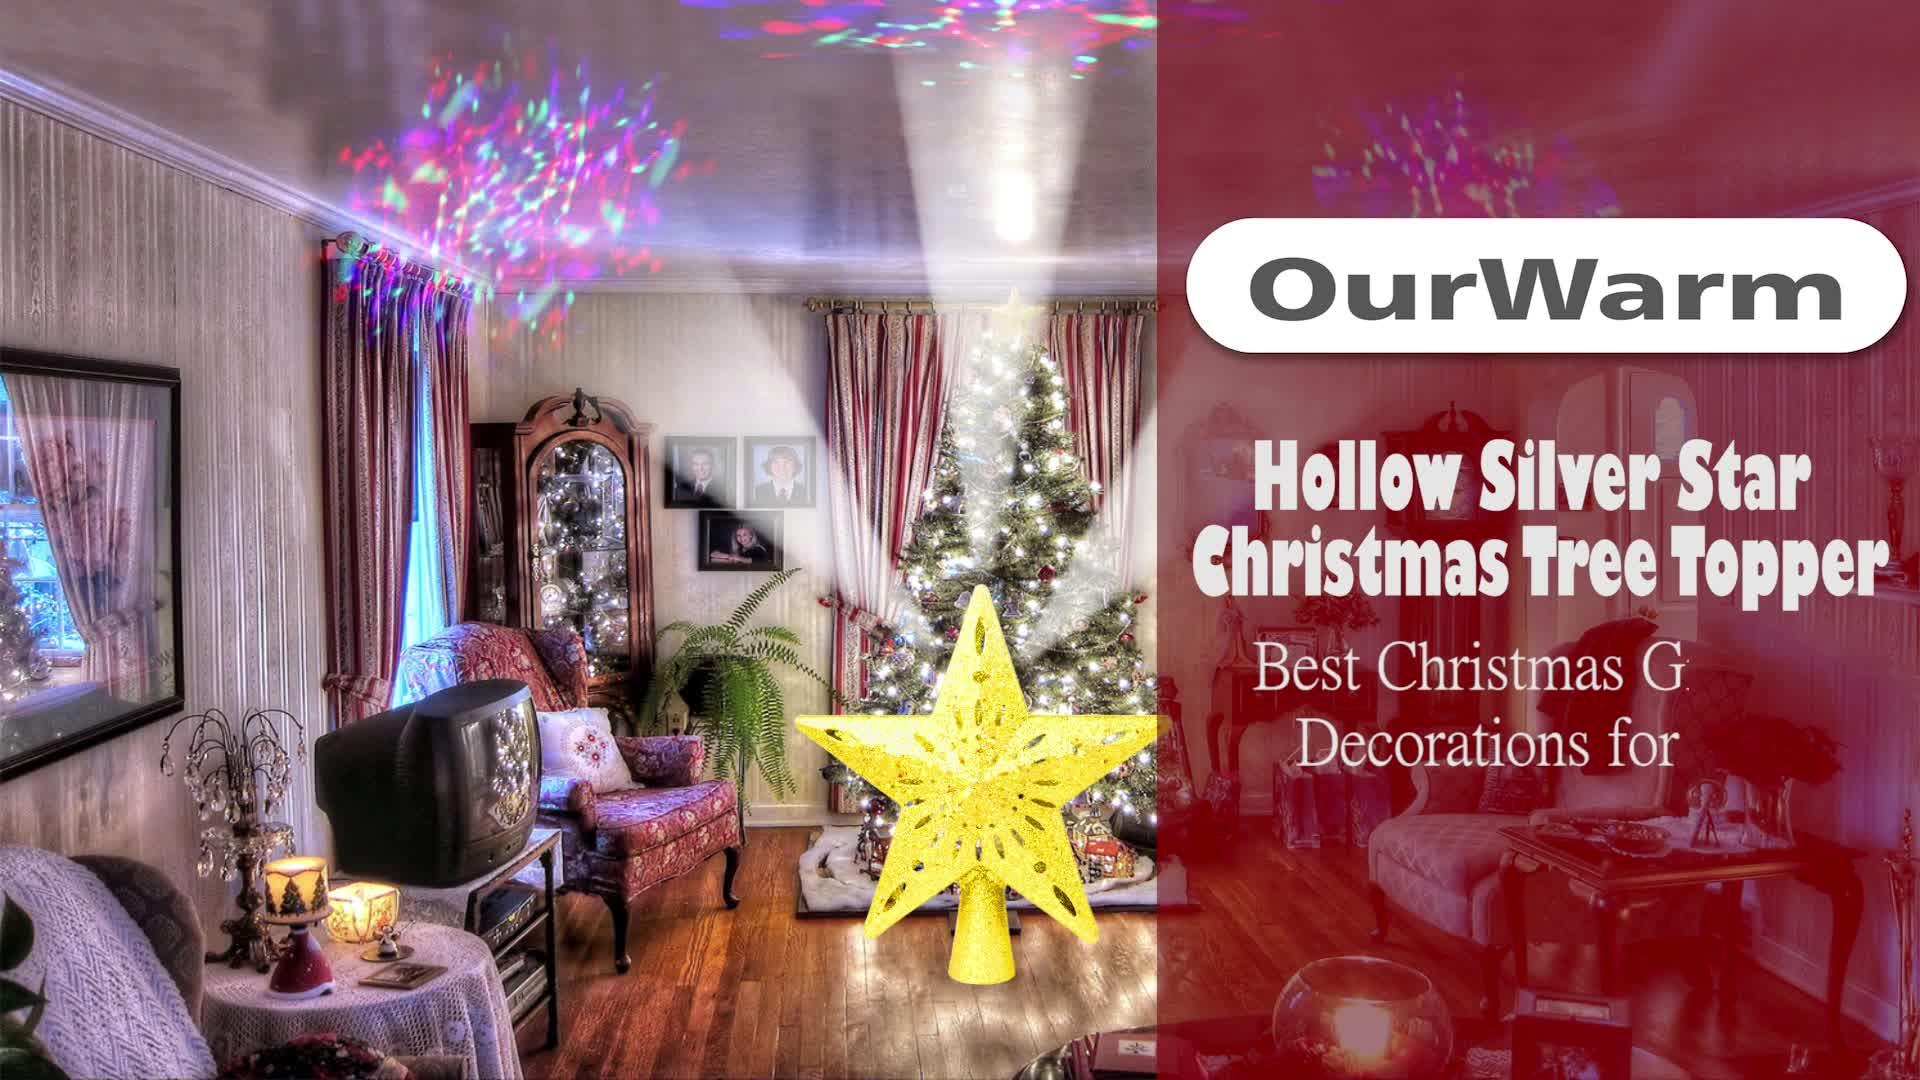 Offre Spéciale Nouveau Mignon Or Poudre Etoile De Noel Sapin De Noël ornements d'arbre De Noël